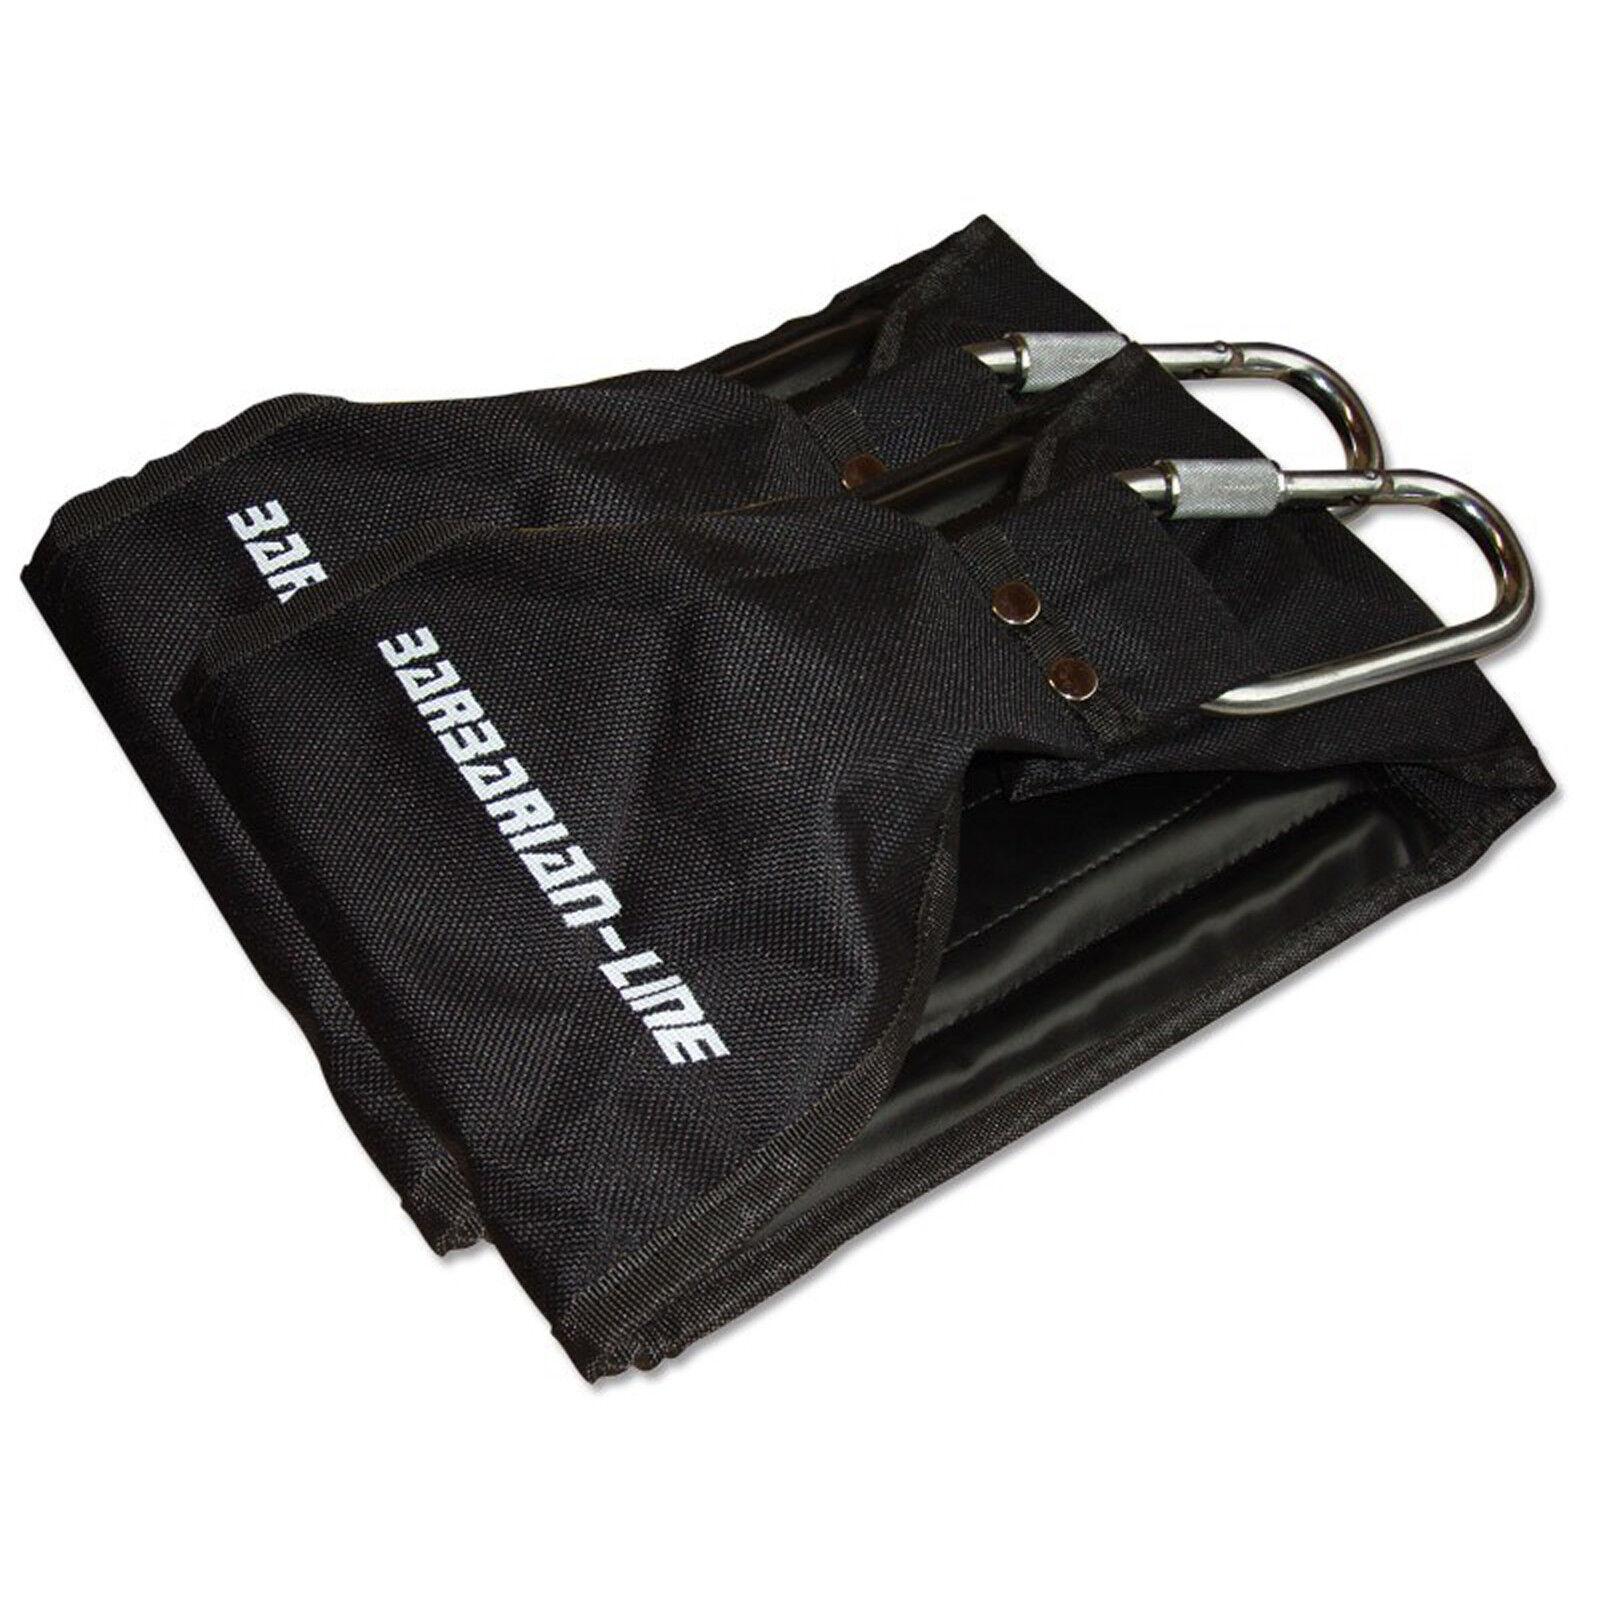 Barbarian-Line Abdominal-Hanging Straps / Bauchmuskelschlaufen NEU